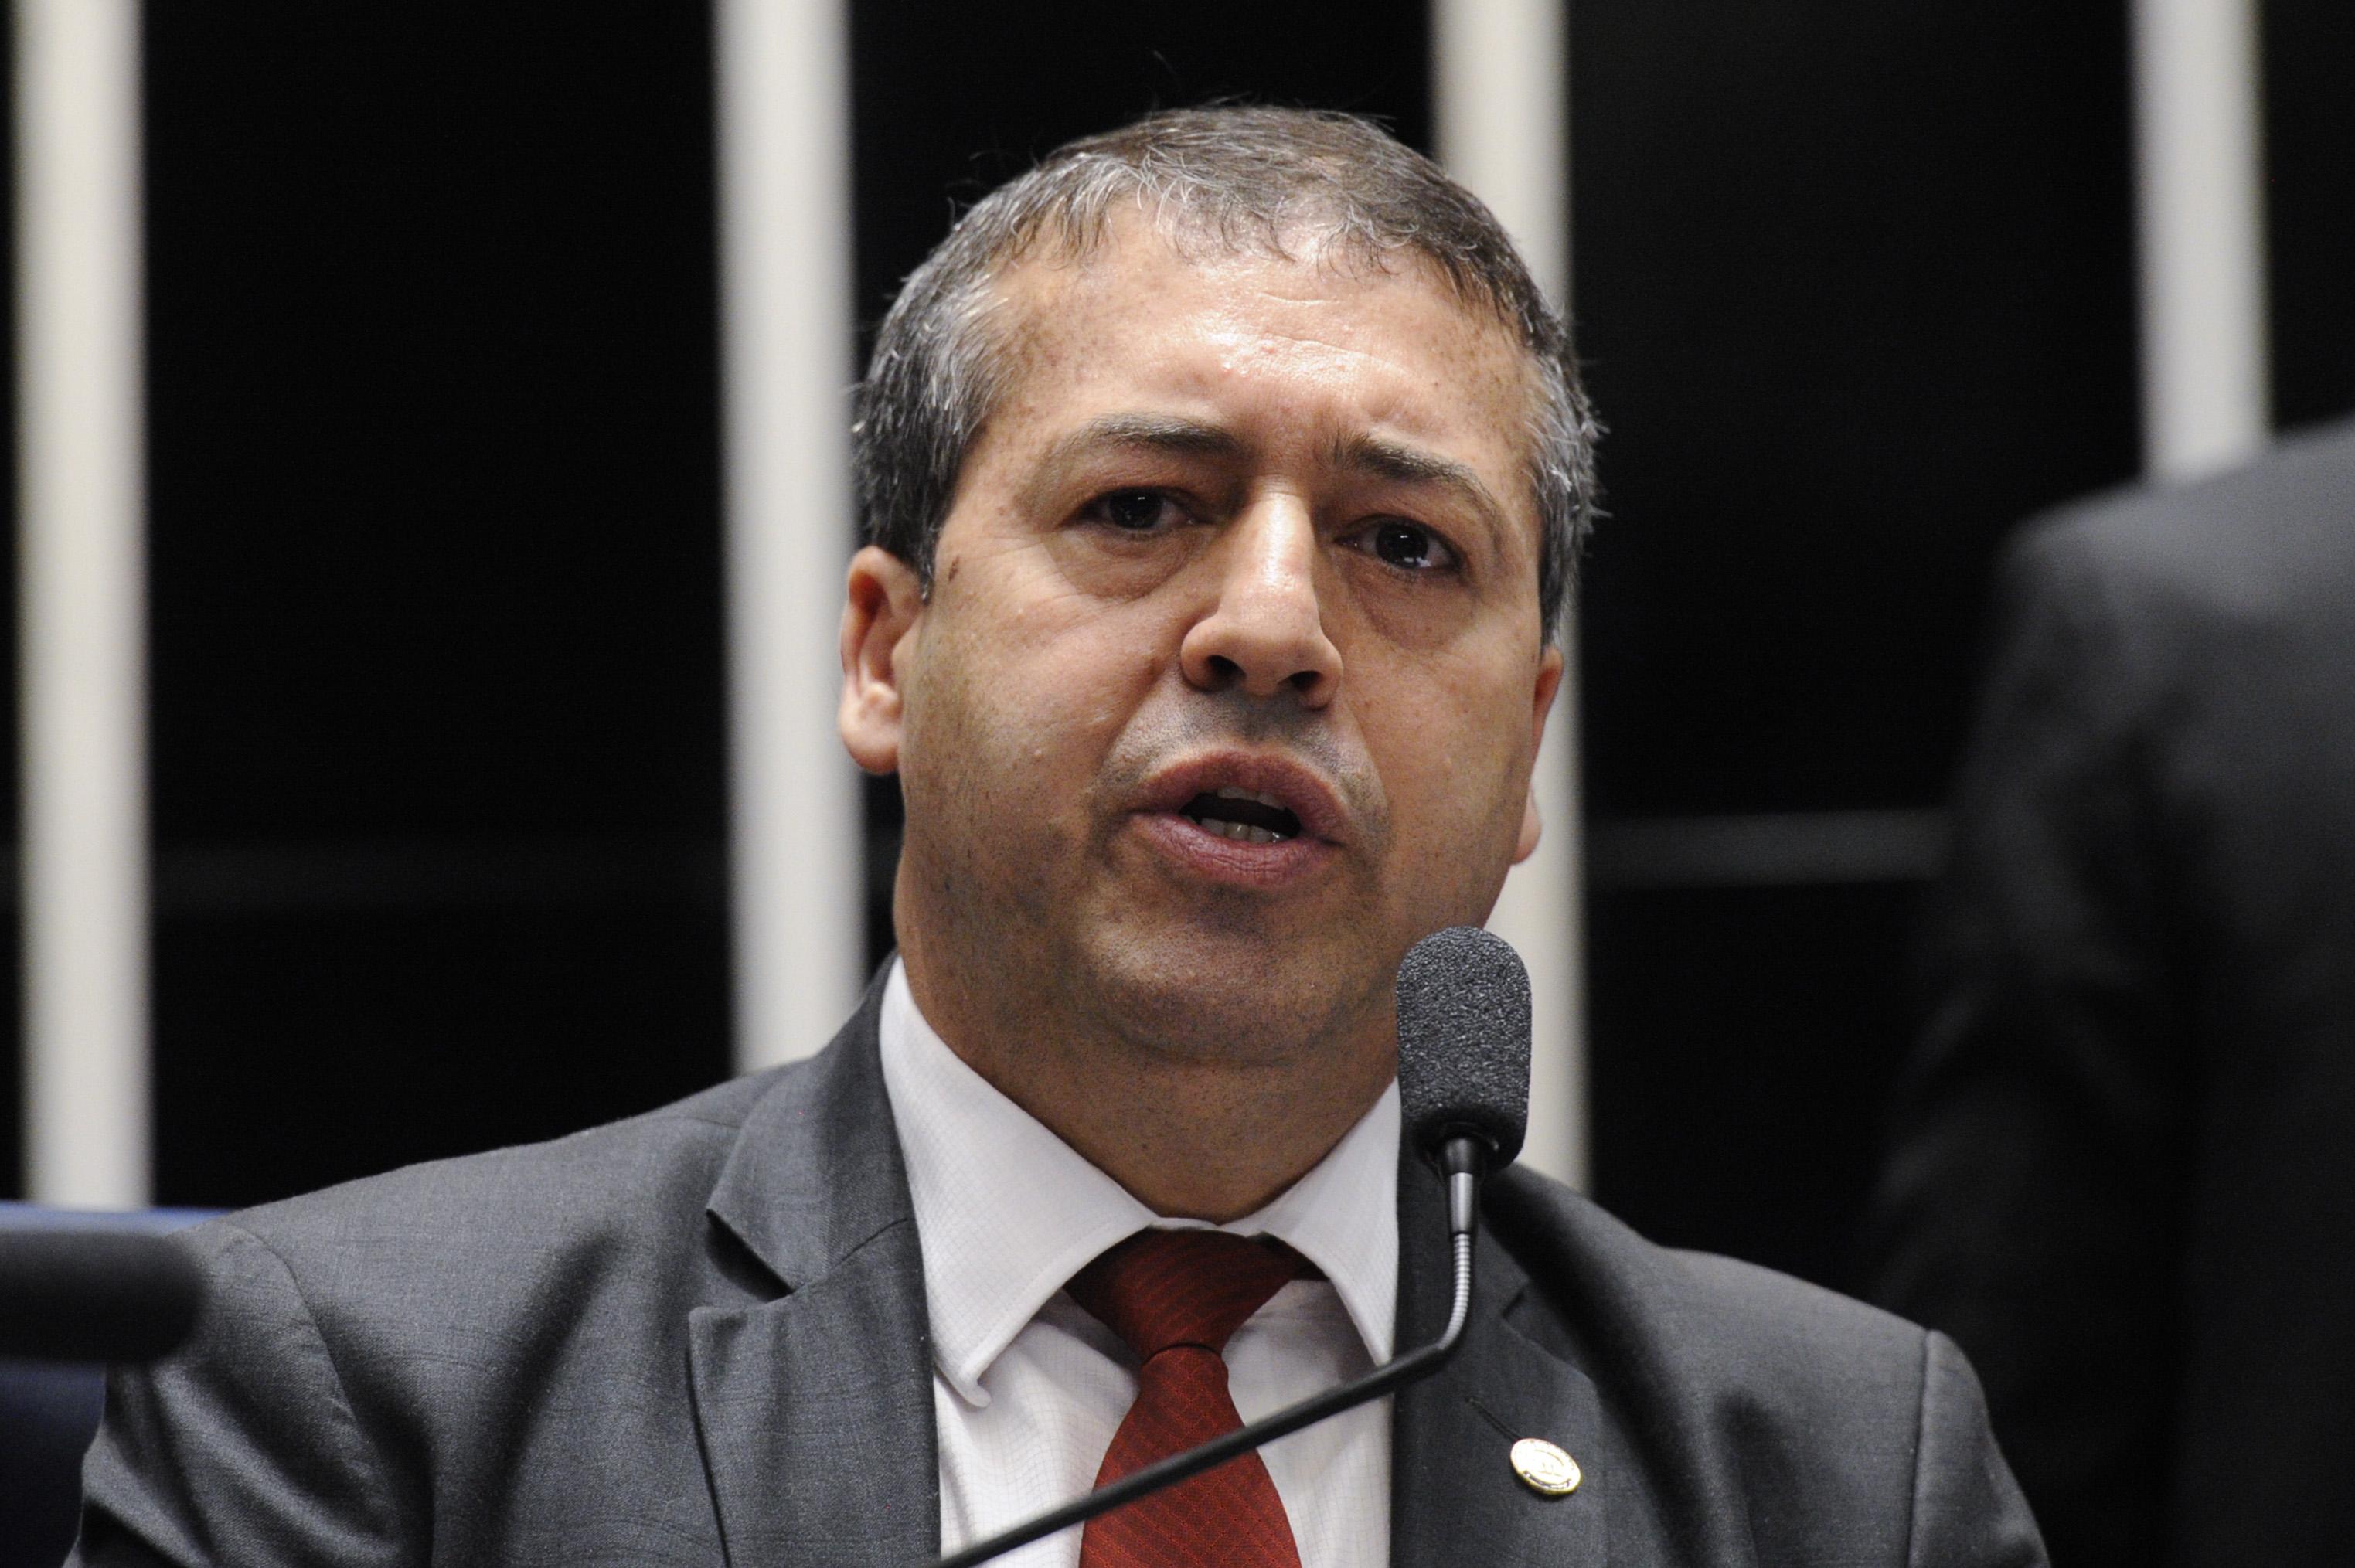 IMAGEM: Ex-ministro reage à punição e diz que Conselho 'nada mais é do que uma câmara de gás petista'